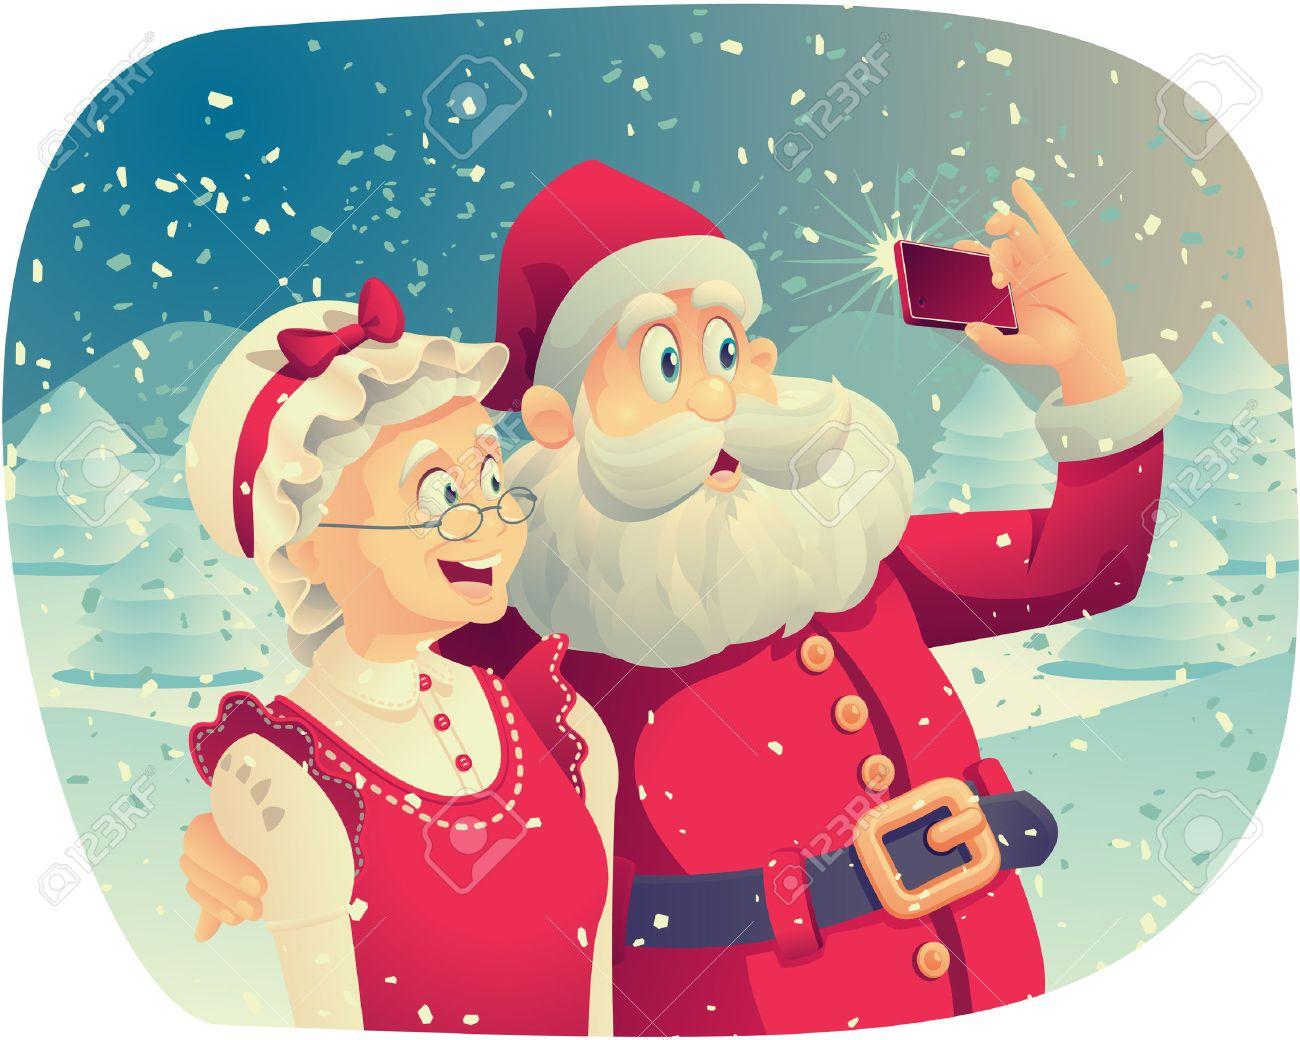 La Page des Plaisirs Partagés: Gif du Père Noël | Joyeux noel humour, Gif  noel, Images joyeux noël